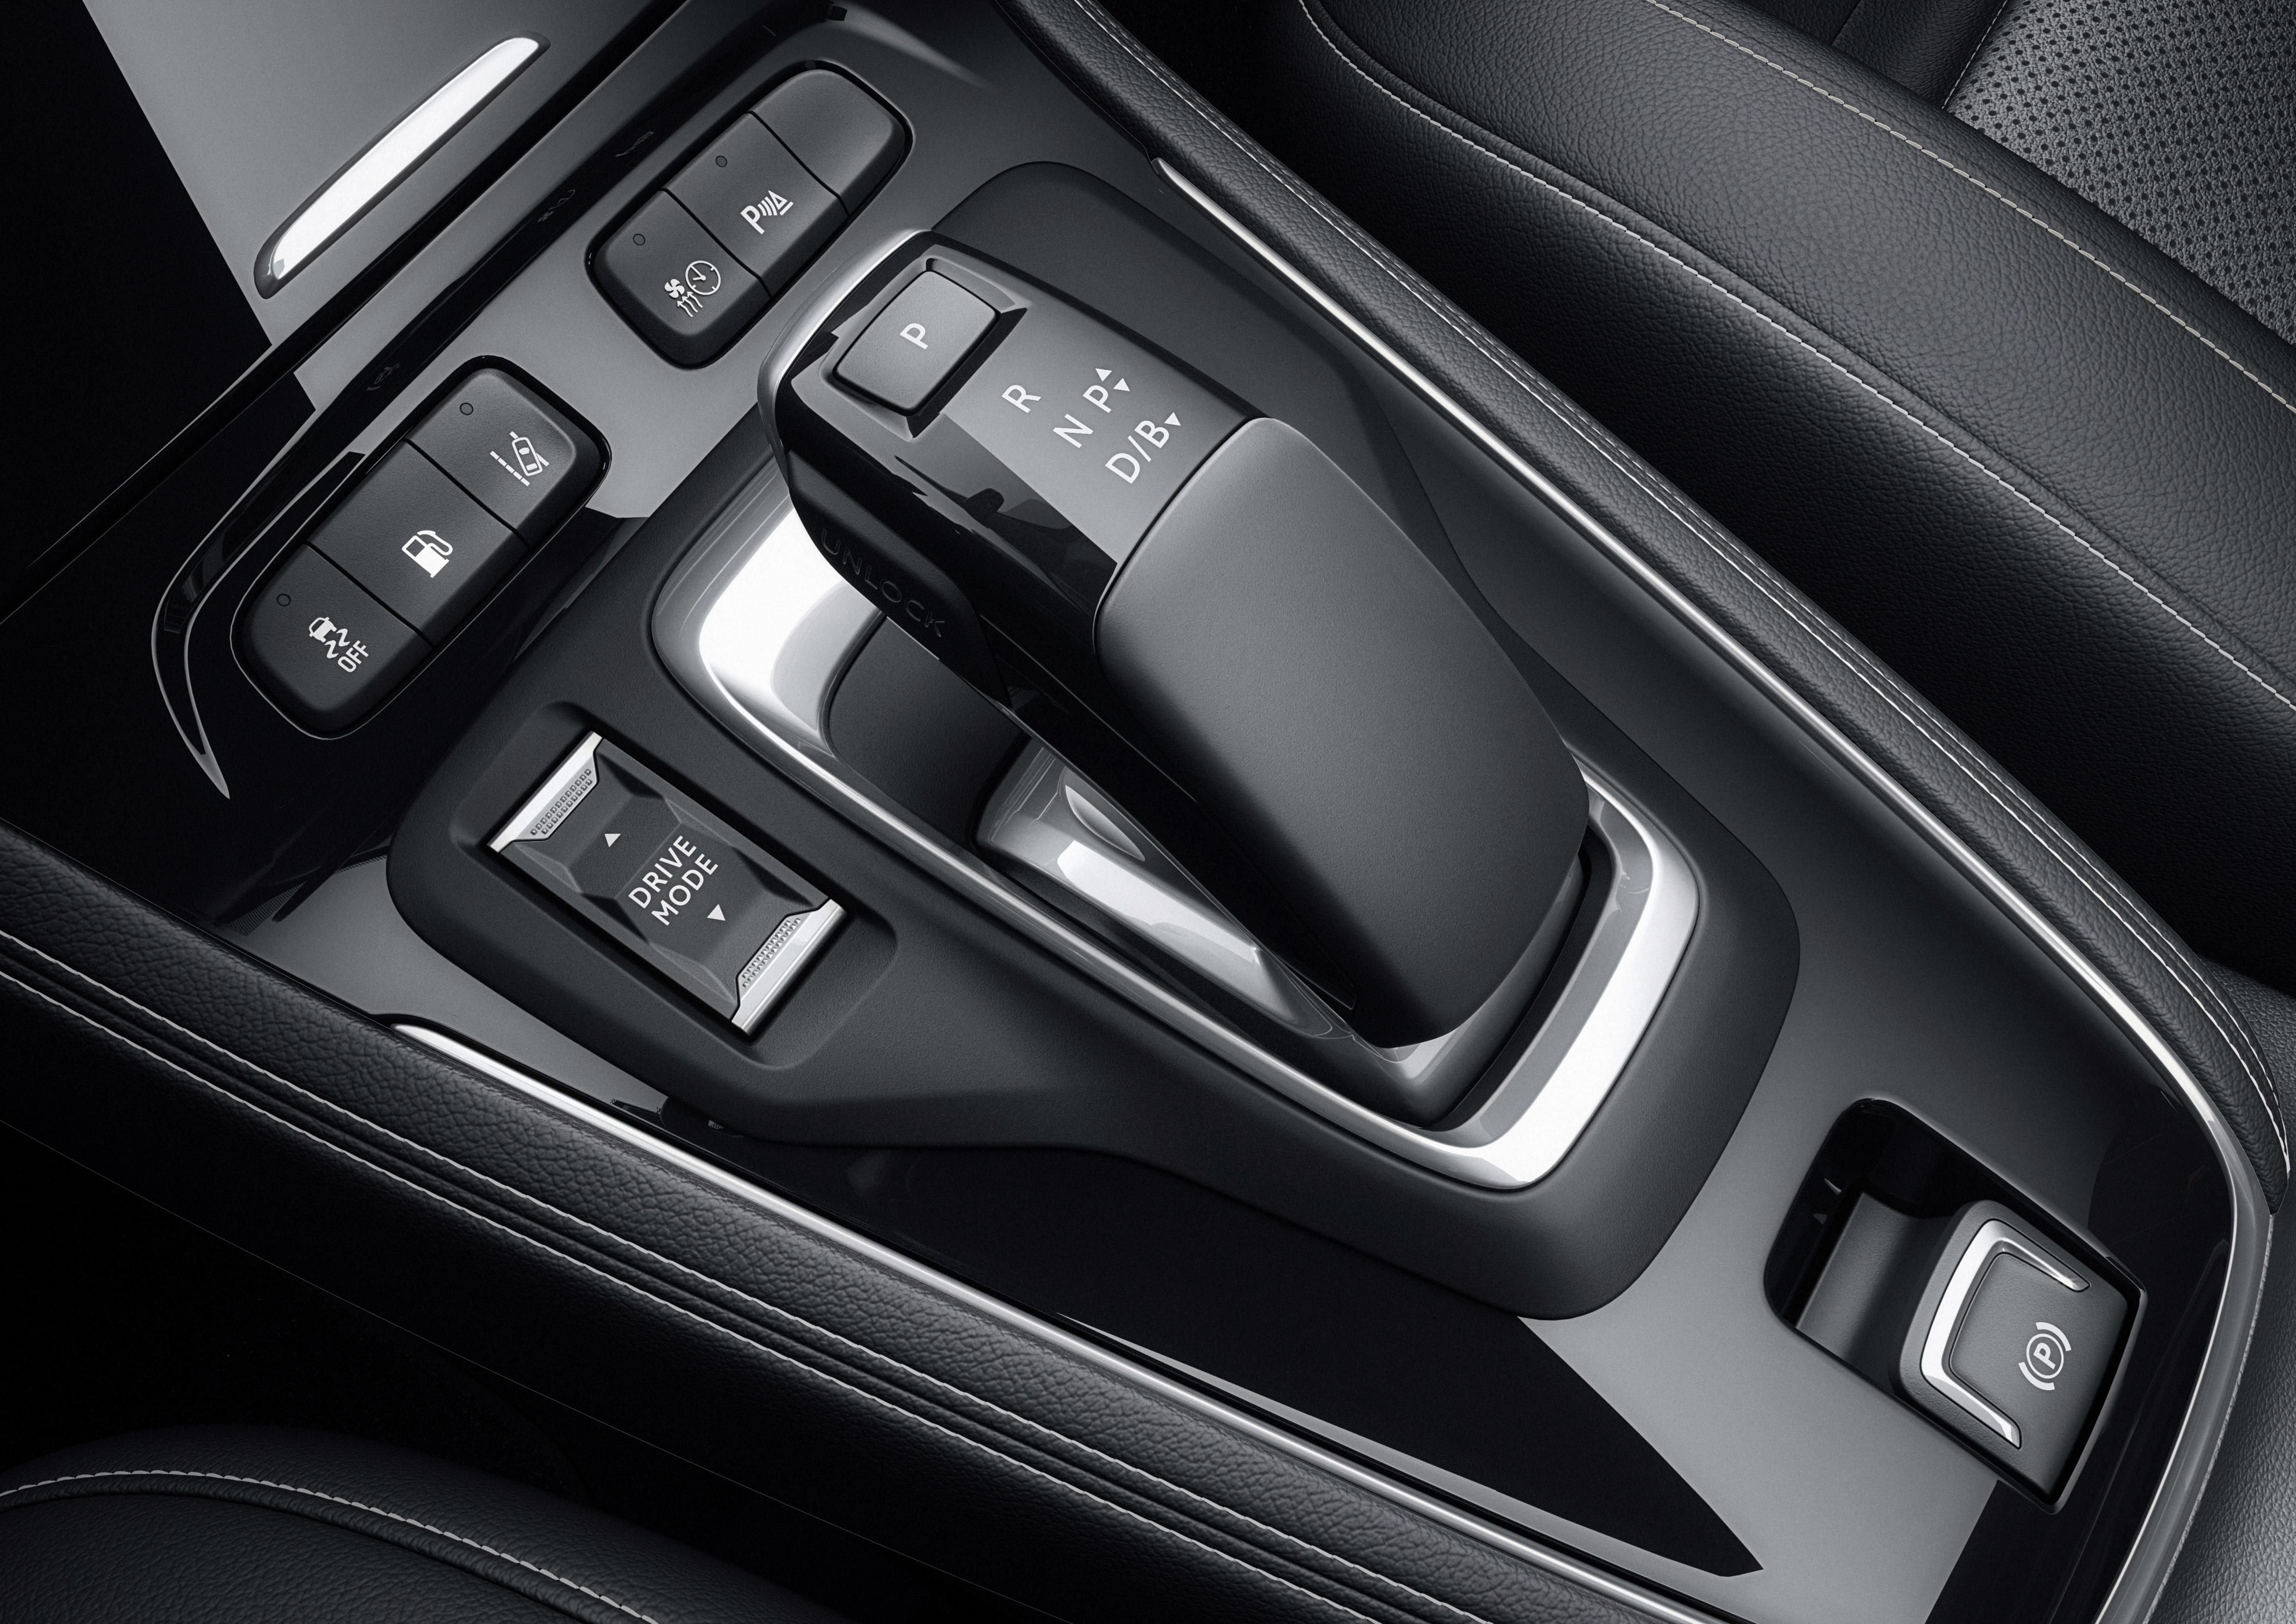 Η επιλογή της τετρακίνησης (AWD mode) ενεργοποιεί έναν ηλεκτροκίνητο πίσω άξονα για μέγιστη πρόσφυση